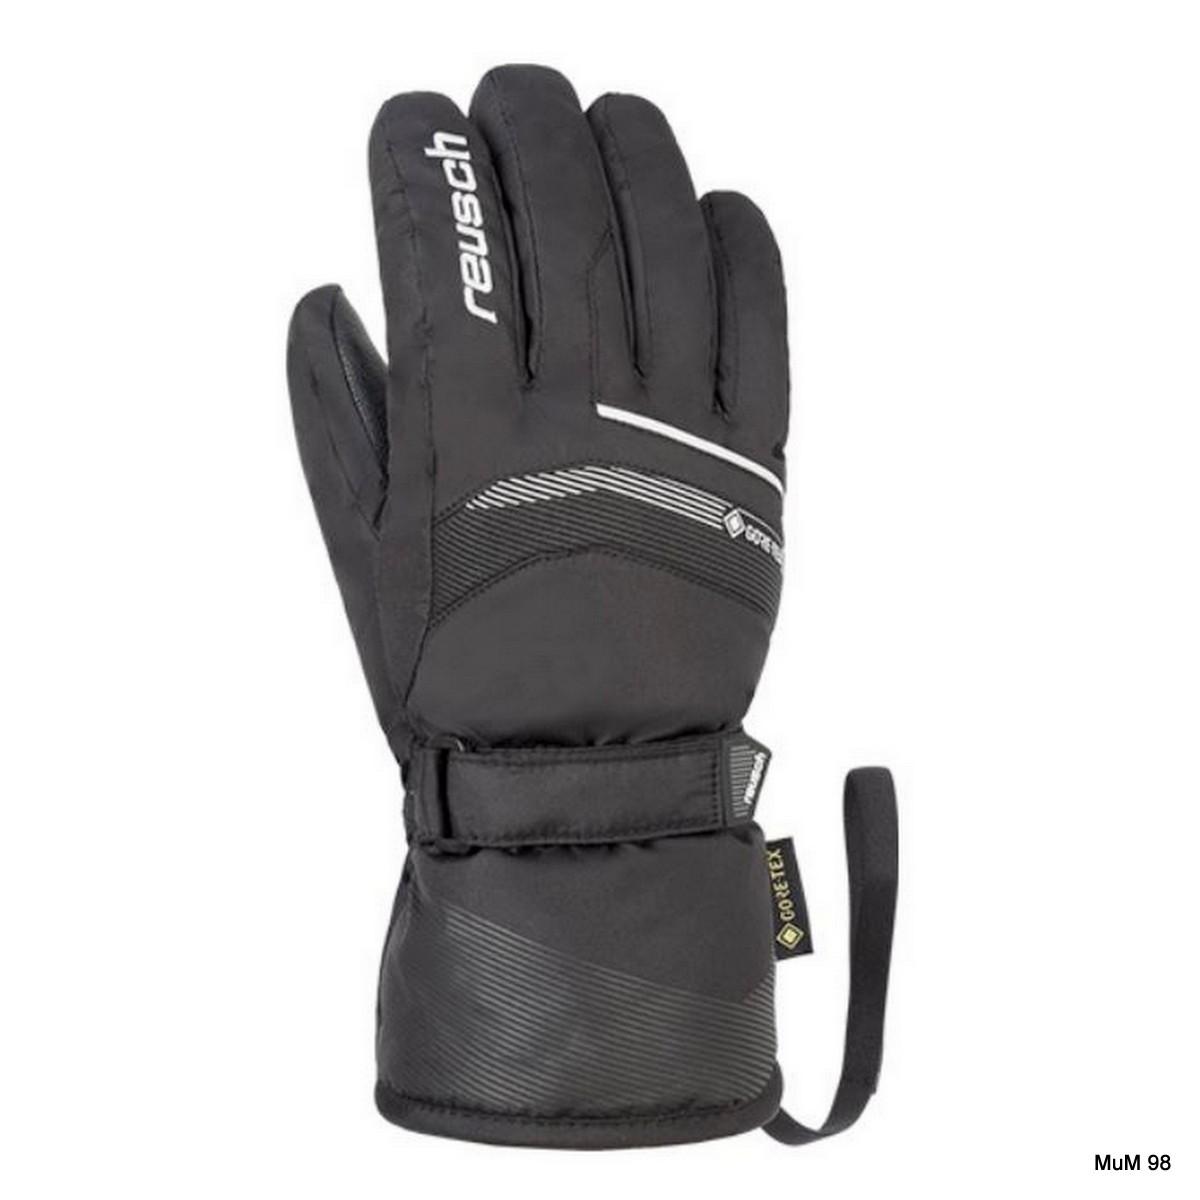 Reusch Kinder Handschuh Bolt GTX